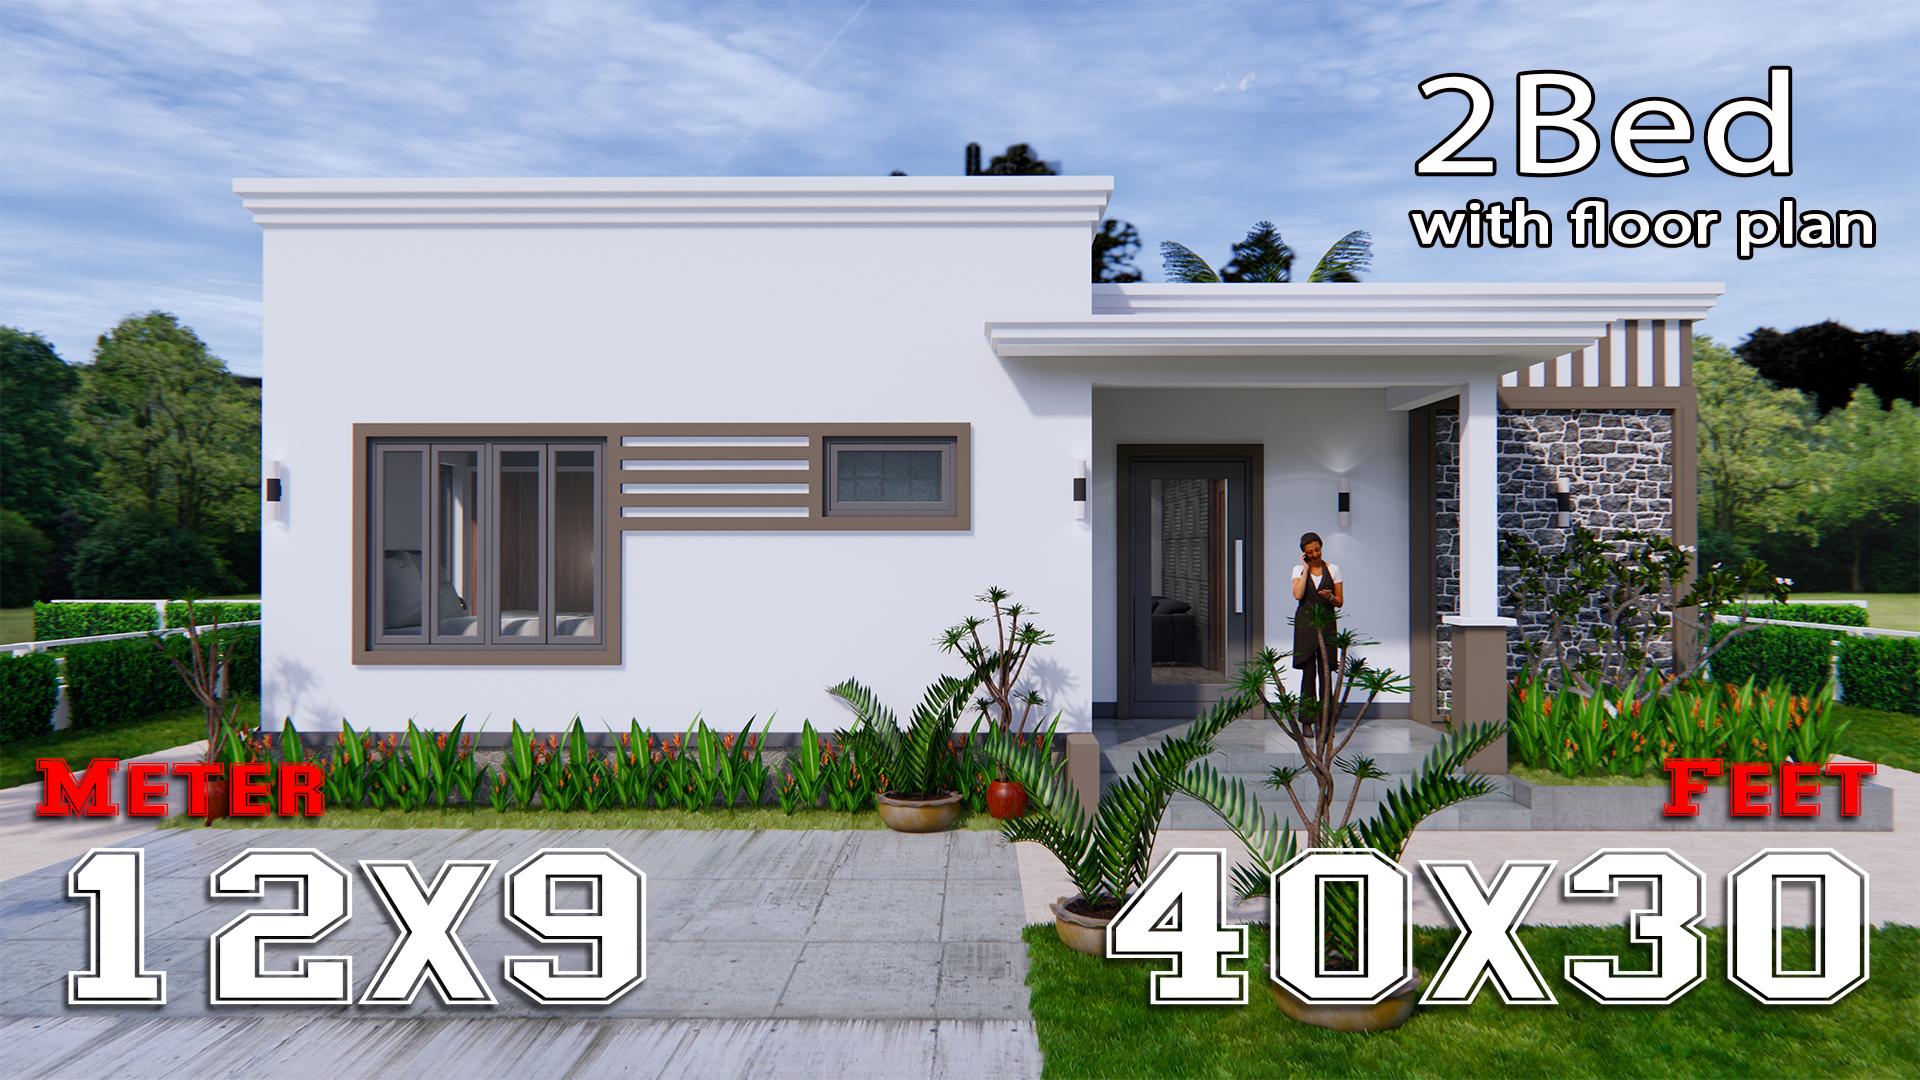 Online House Design 200x200 Meter 200x200 Feet 20 Beds   Pro Home Decor Z